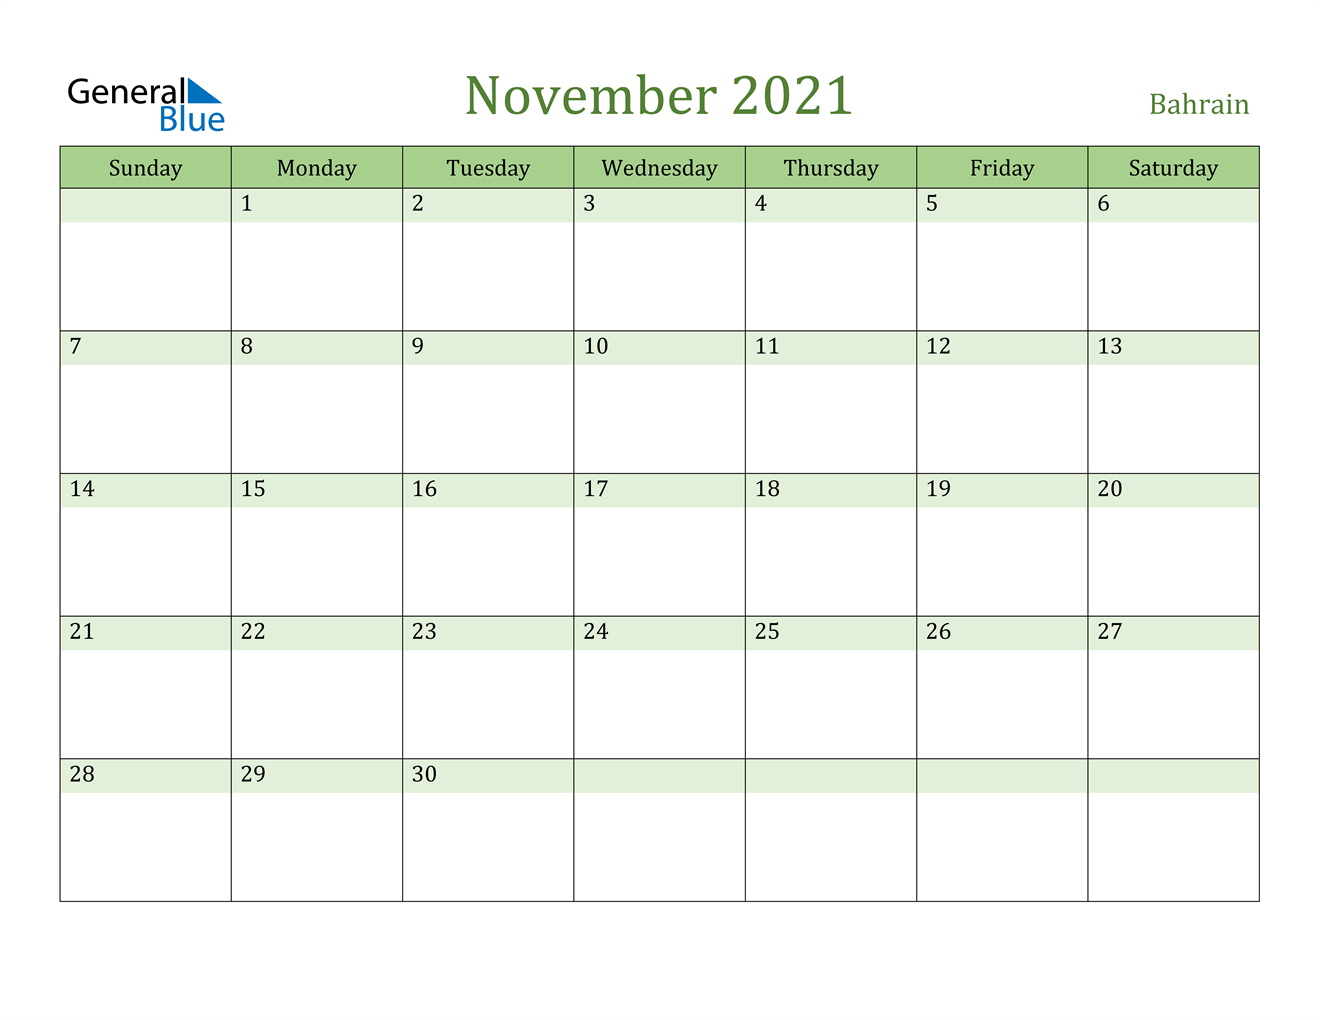 November 2021 Calendar - Bahrain